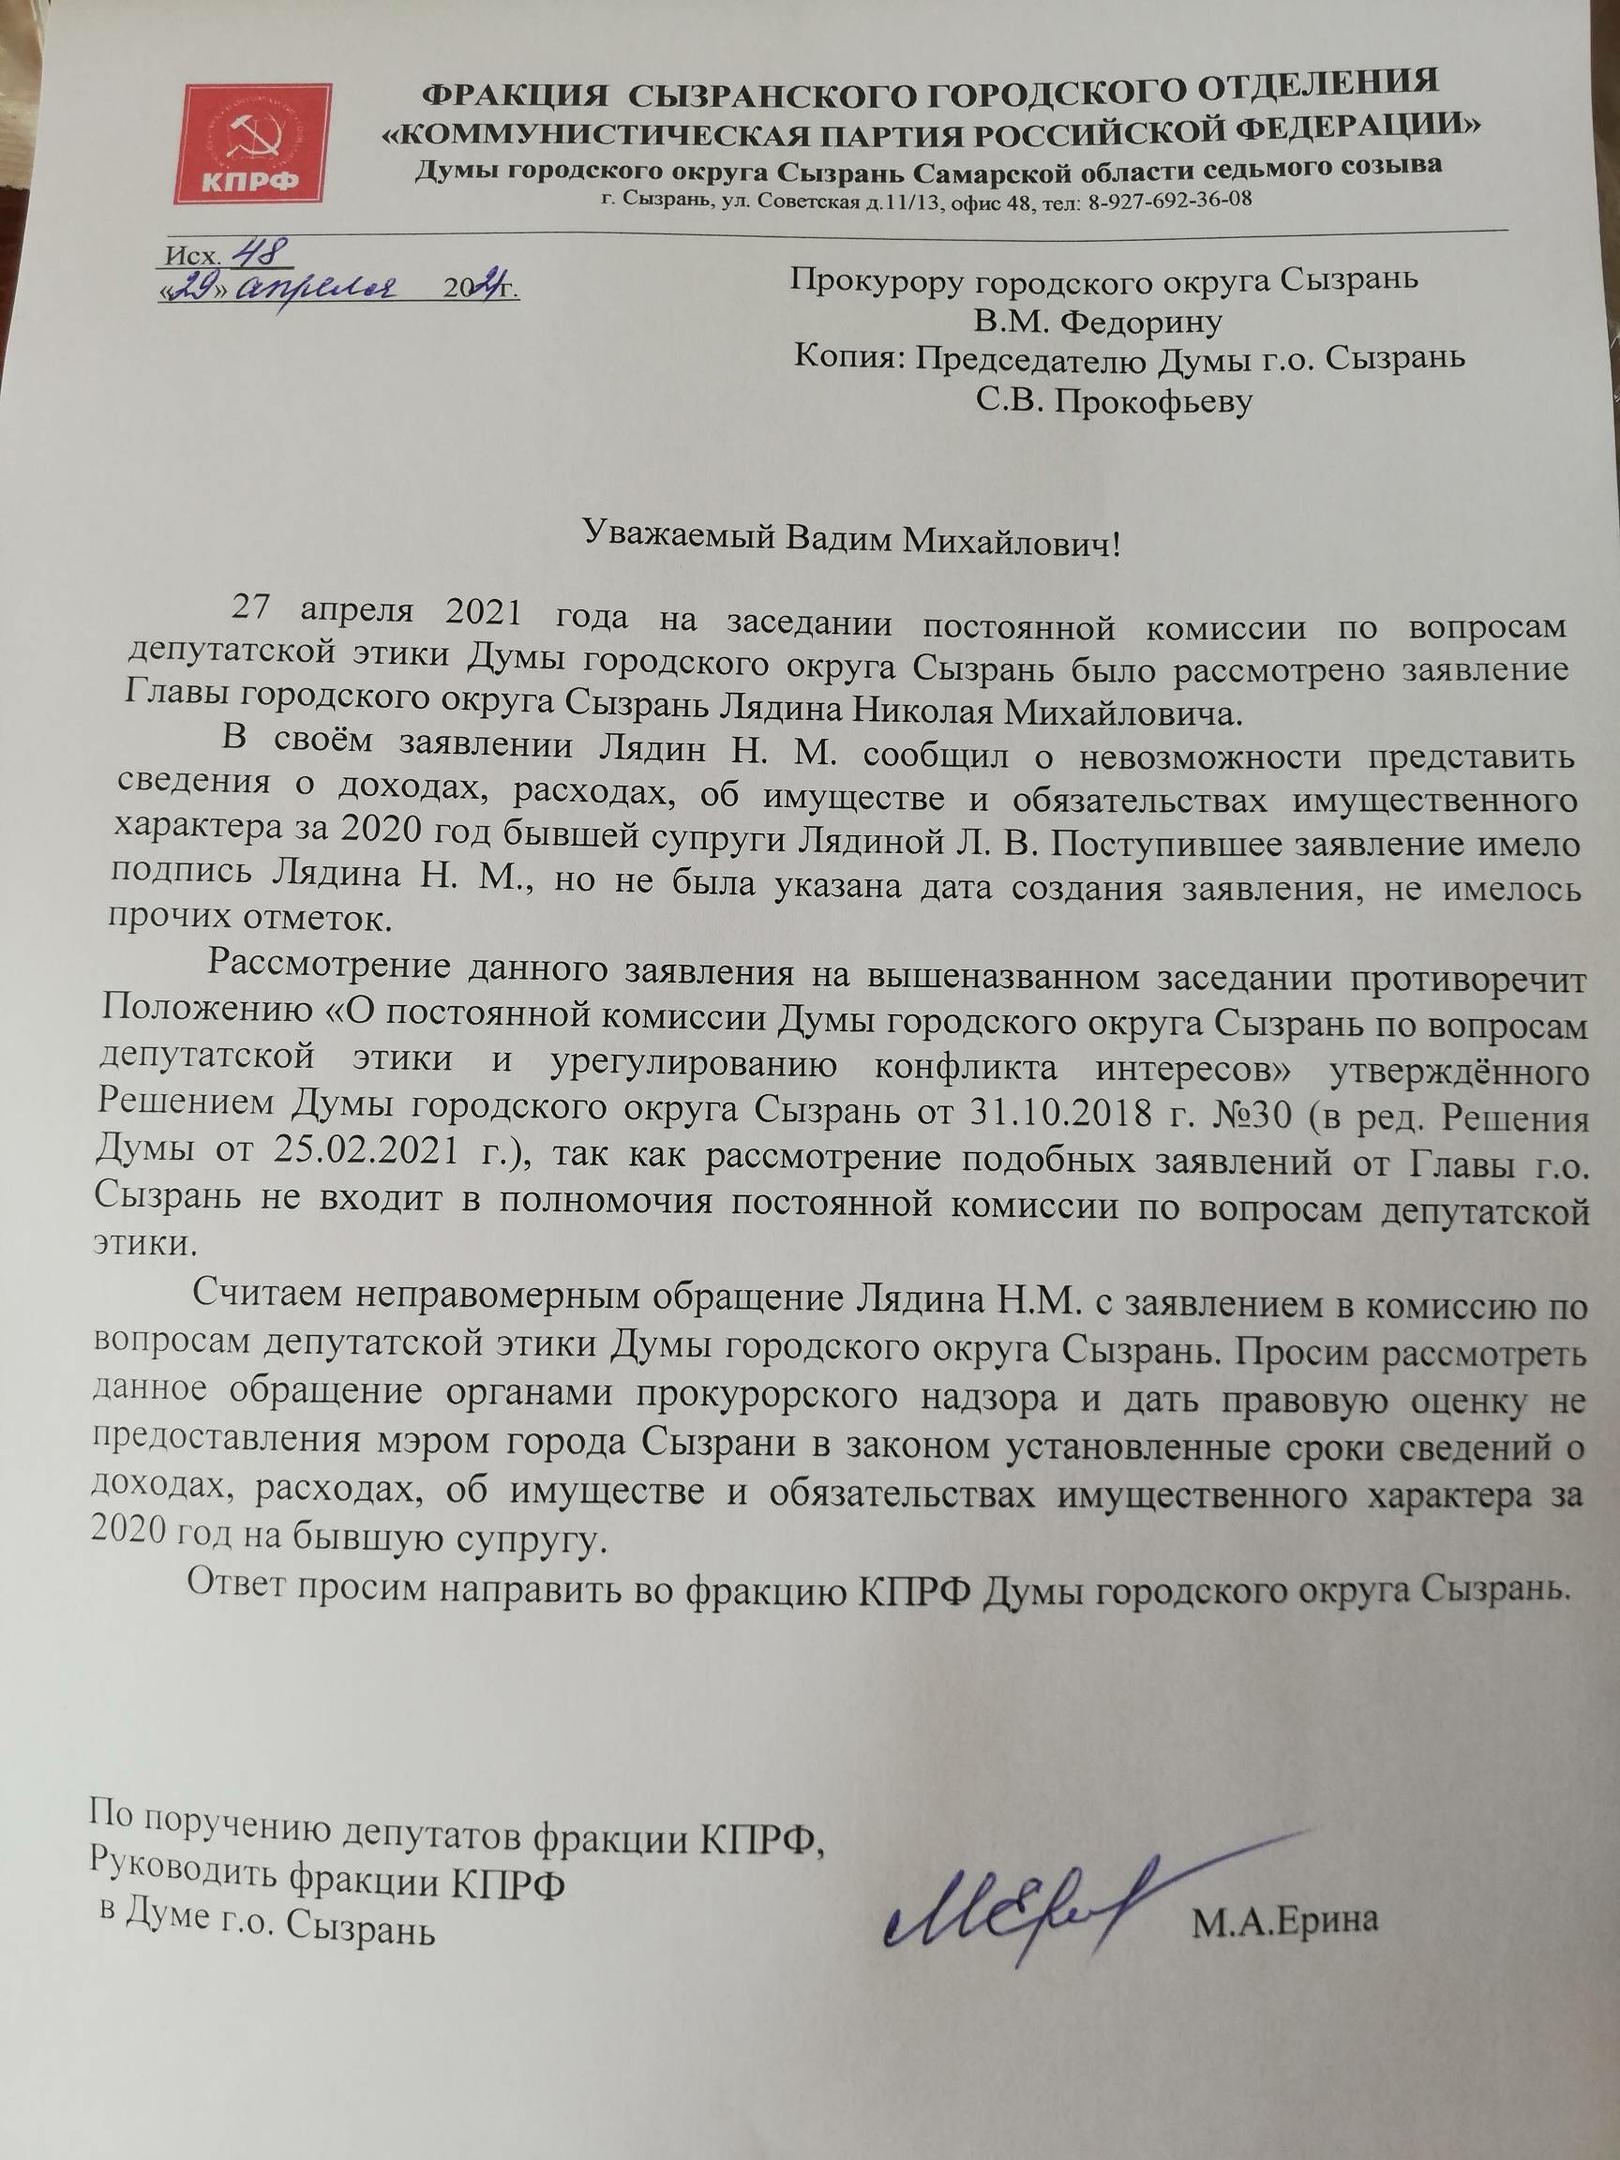 Прокурору г. Сызрани от КПРФ - по Лядину Н. М.